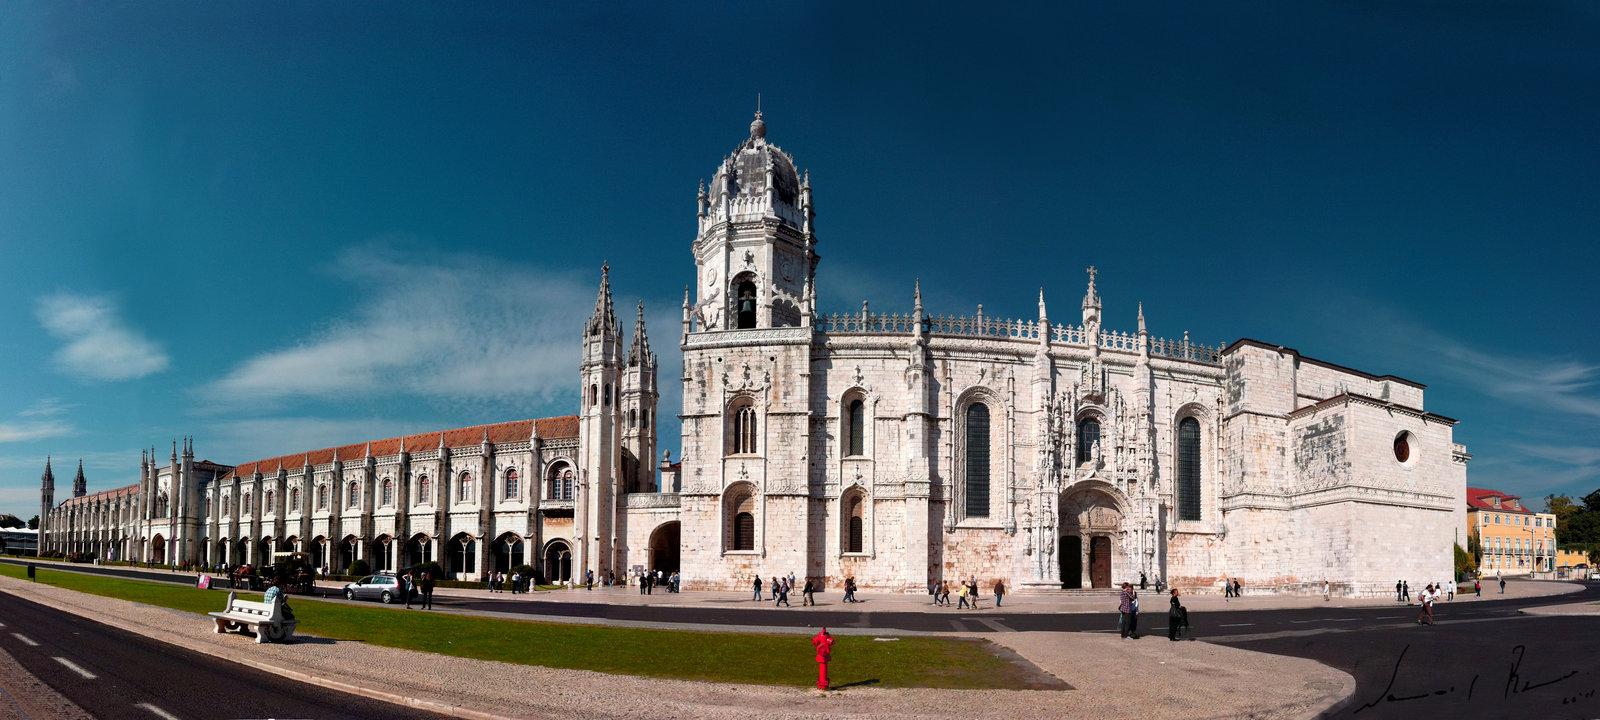 Mosteiro dos Jerônimos.